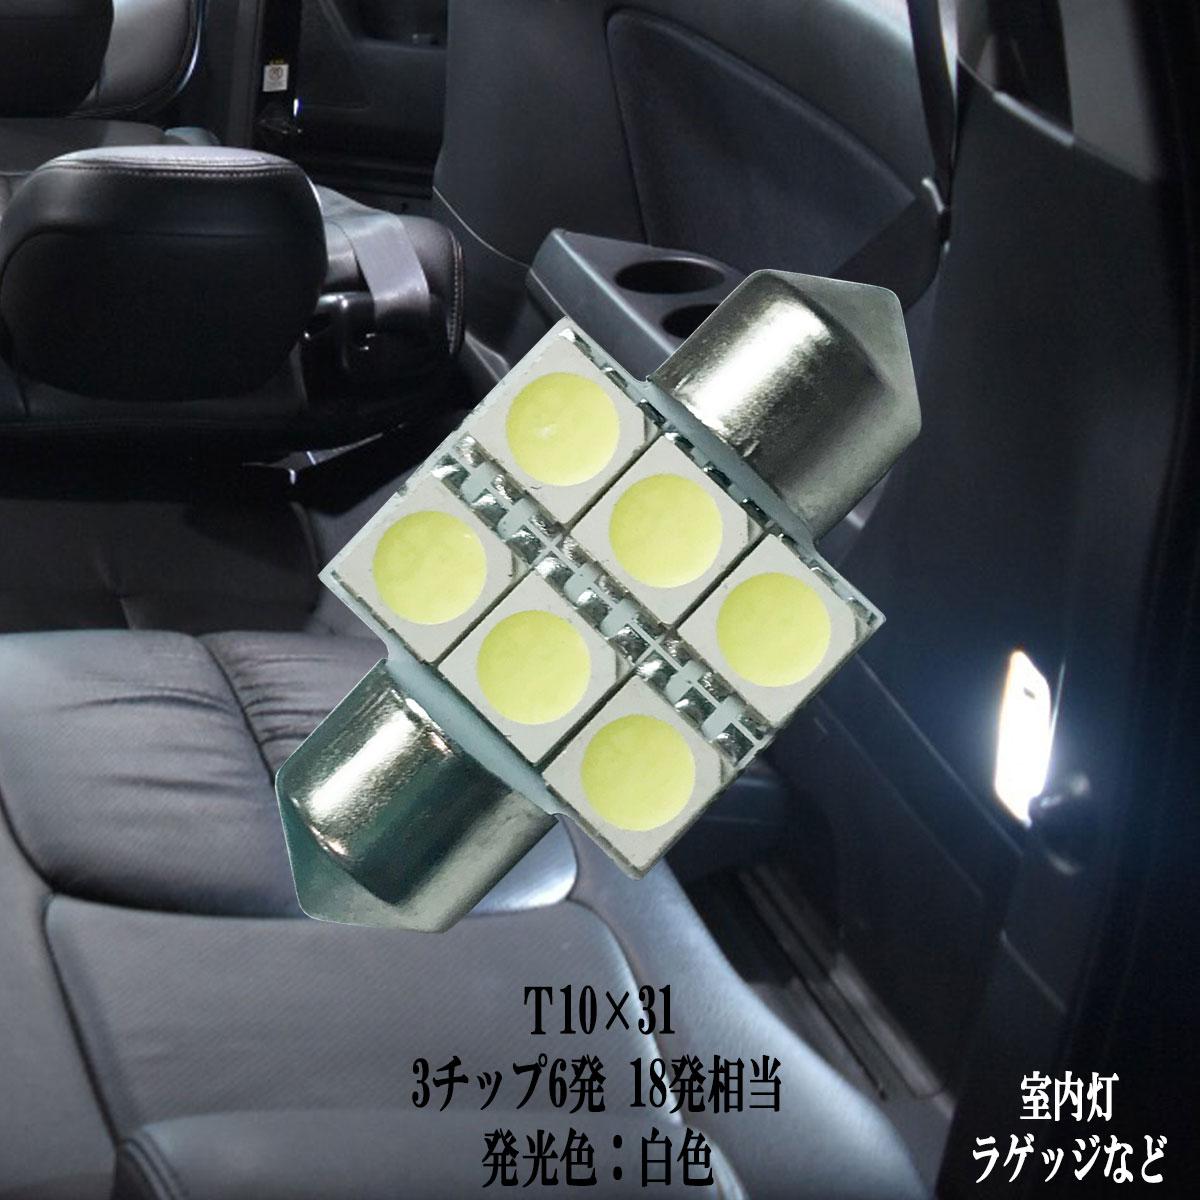 あす楽可 カスタム ルームランプ 海外 車内が明るく アウトドアにも便利 まばゆい光 定番の 白 時間指定不可 ホワイト 純白光 車検対応 T10×31 6000Kクラスの 車内灯 綺麗な光 6連 led あす楽可--ss LED 1年保証 ラゲッジ 12v 3チップSMD led電球